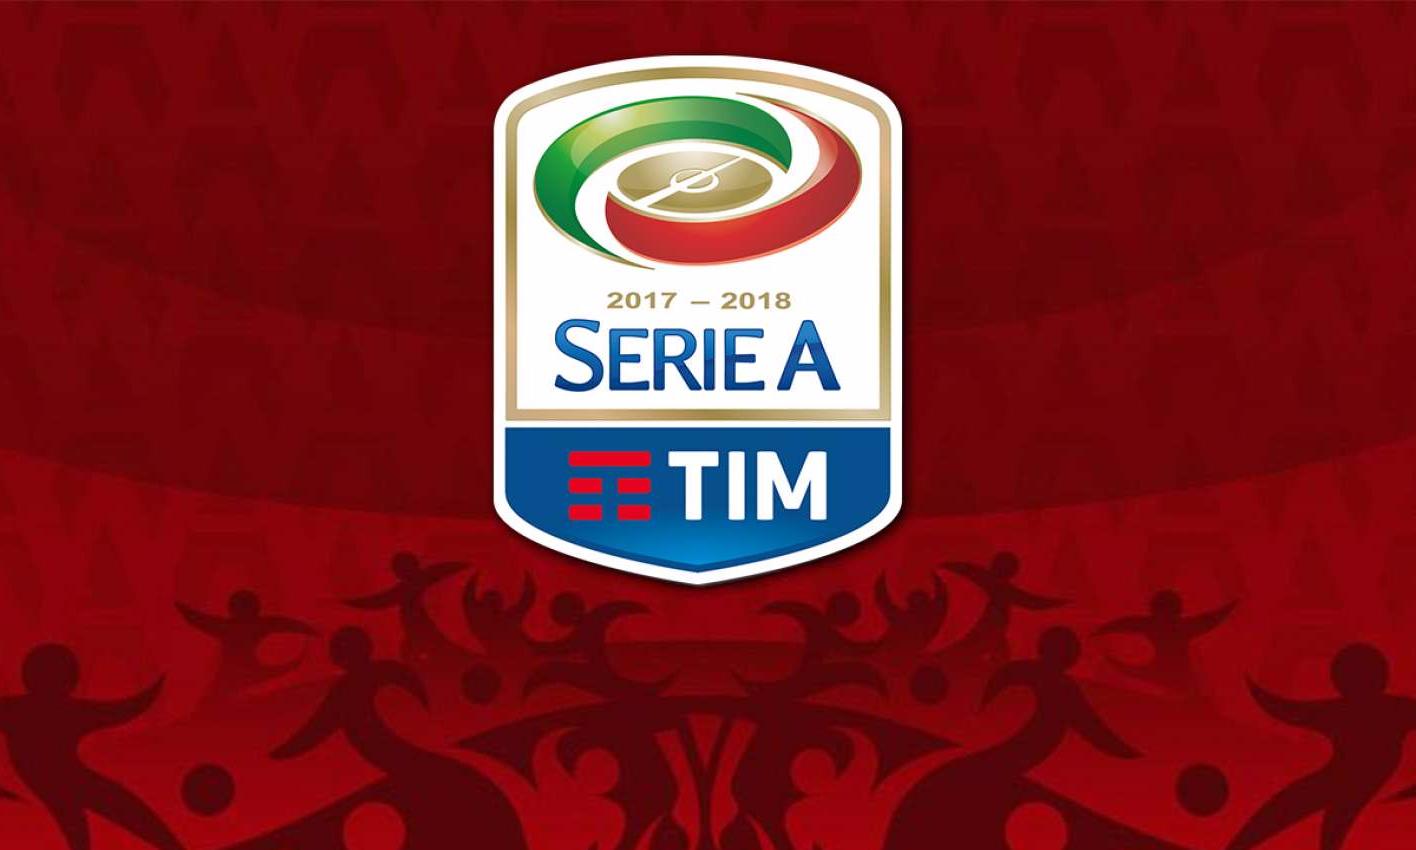 Non è tutto scontato: rivalutiamo la Serie A!